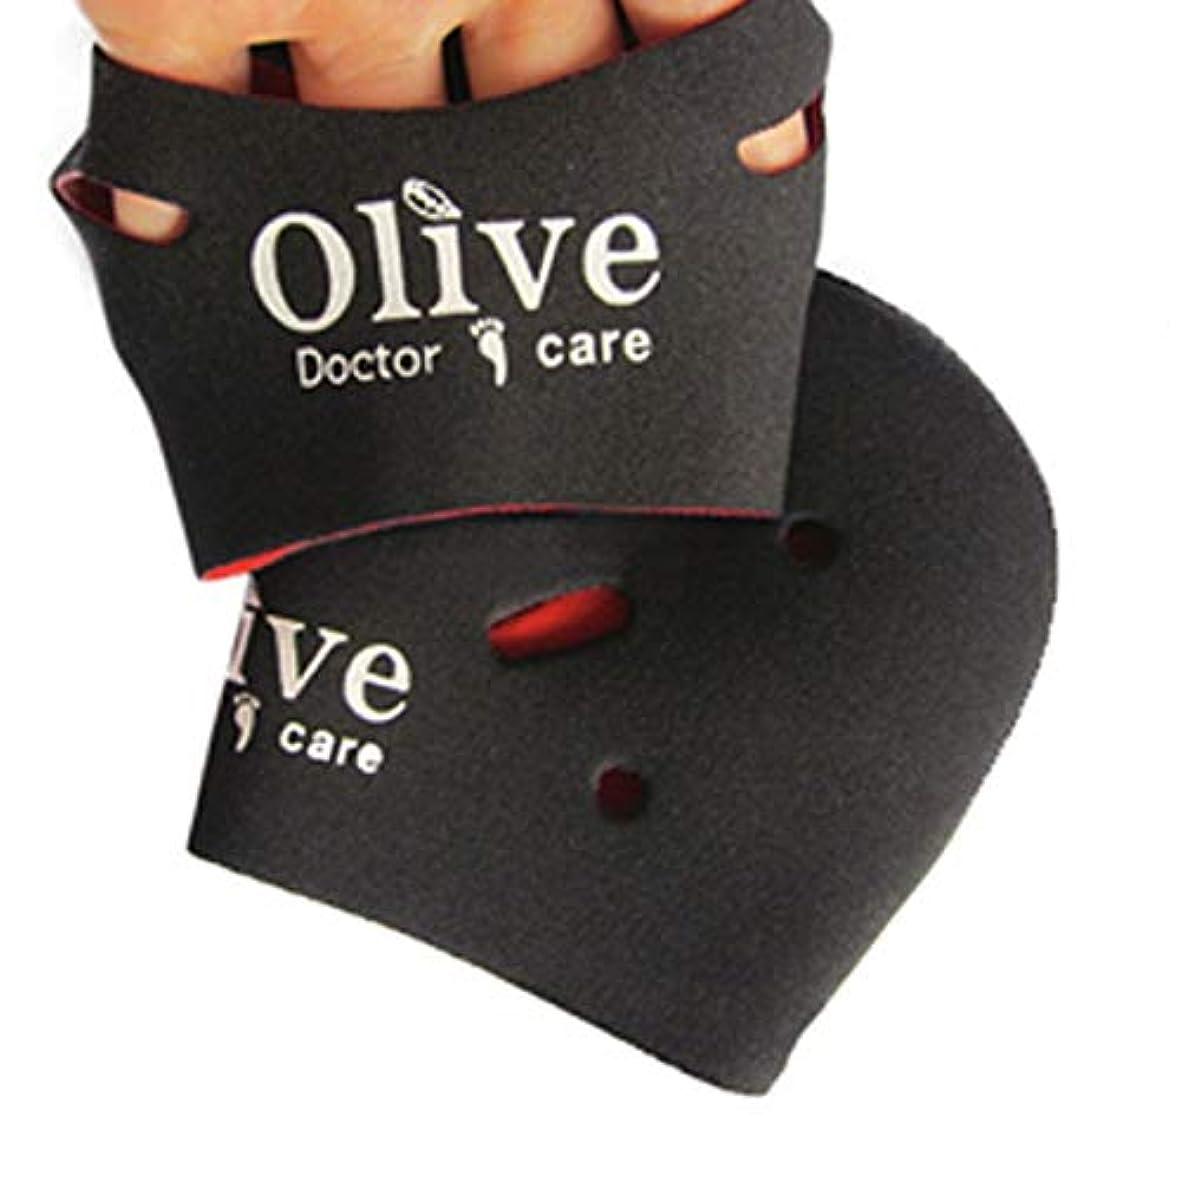 完全にブリーフケース信頼できる[NICE-SHOP]かかとケア靴下 Olive Doctor Care